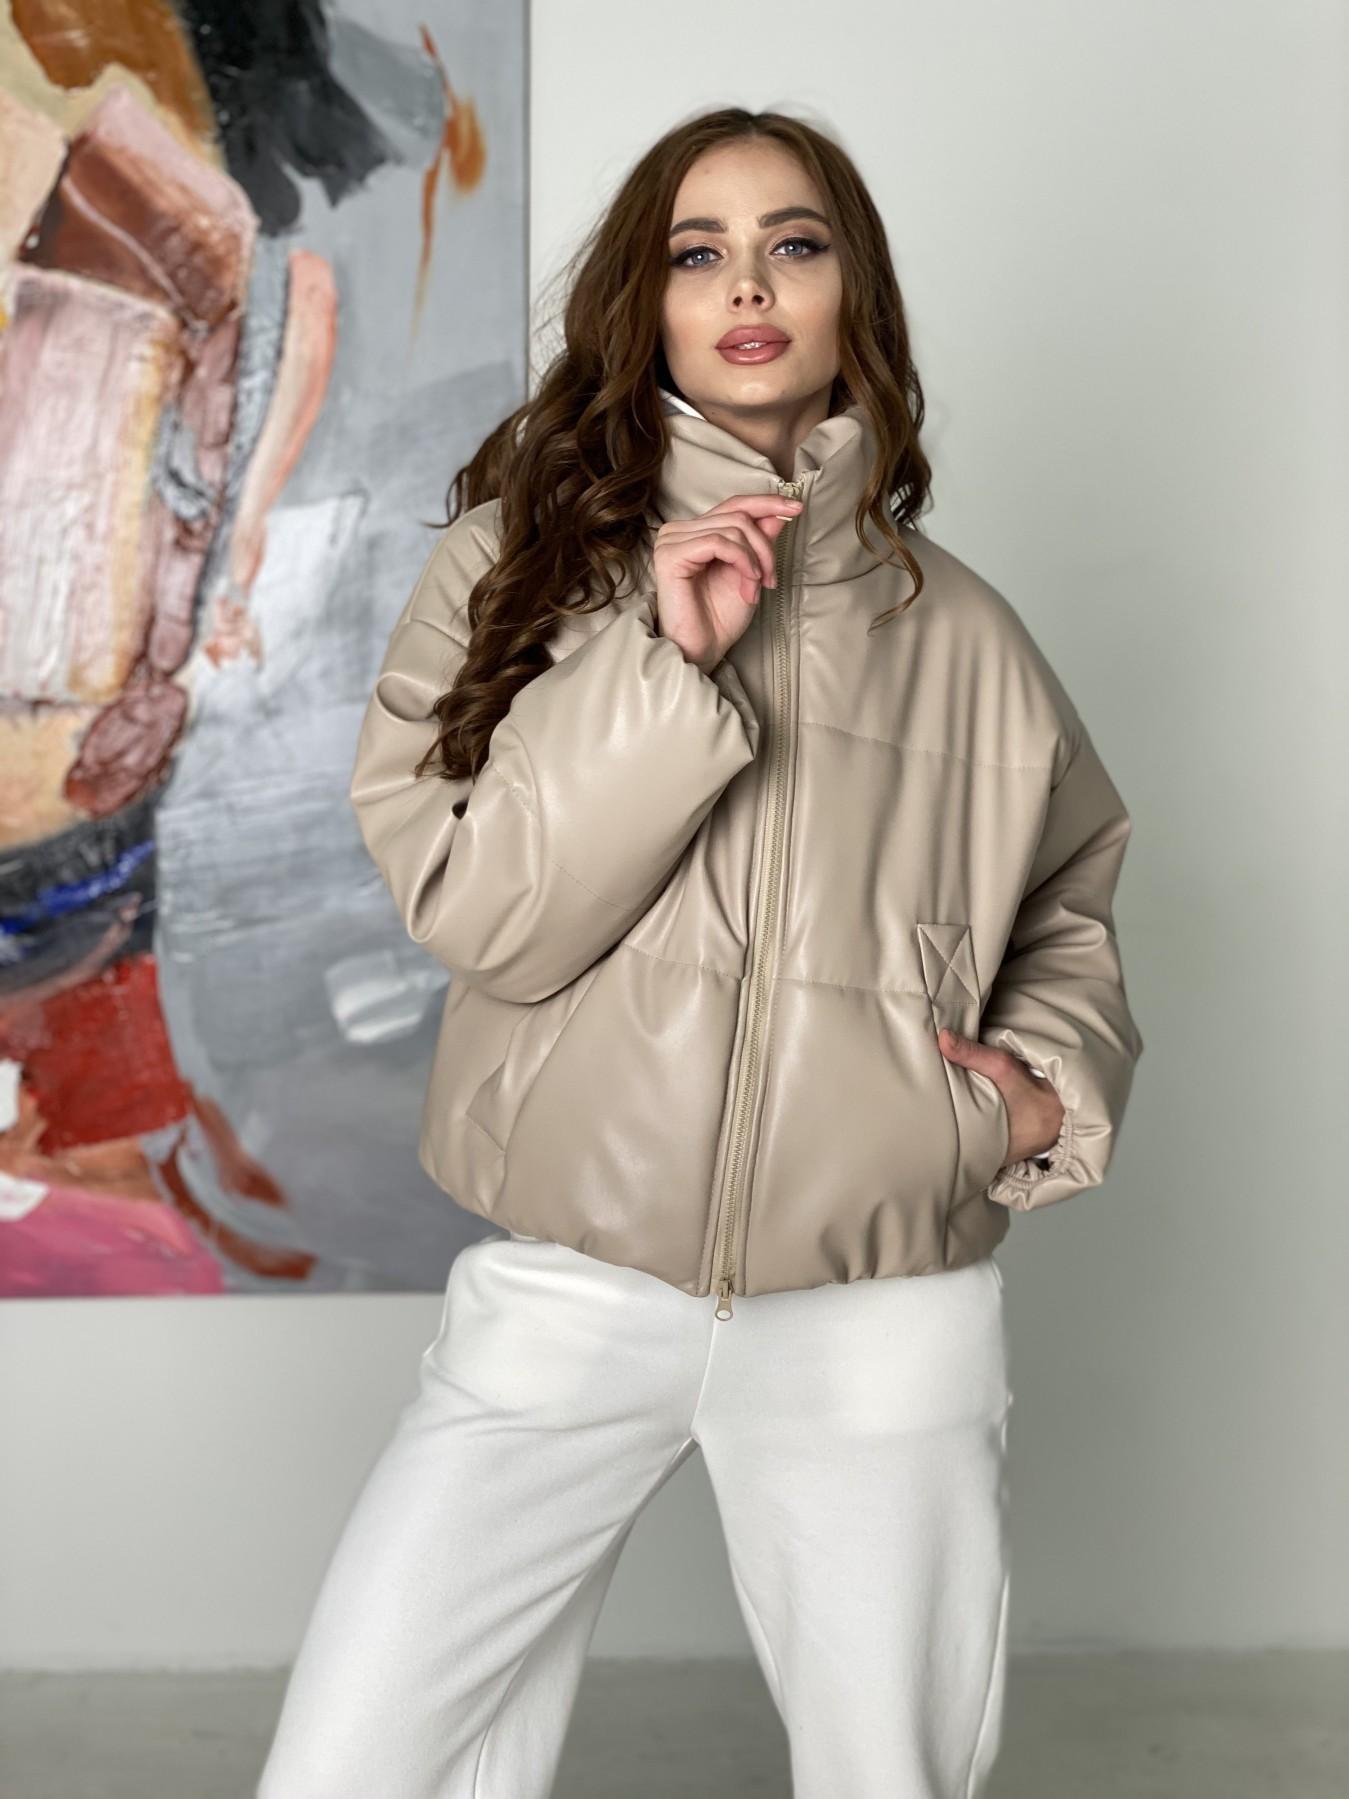 Драйв куртка из  экокожи  10499 АРТ. 46844 Цвет: Бежевый 2 - фото 2, интернет магазин tm-modus.ru